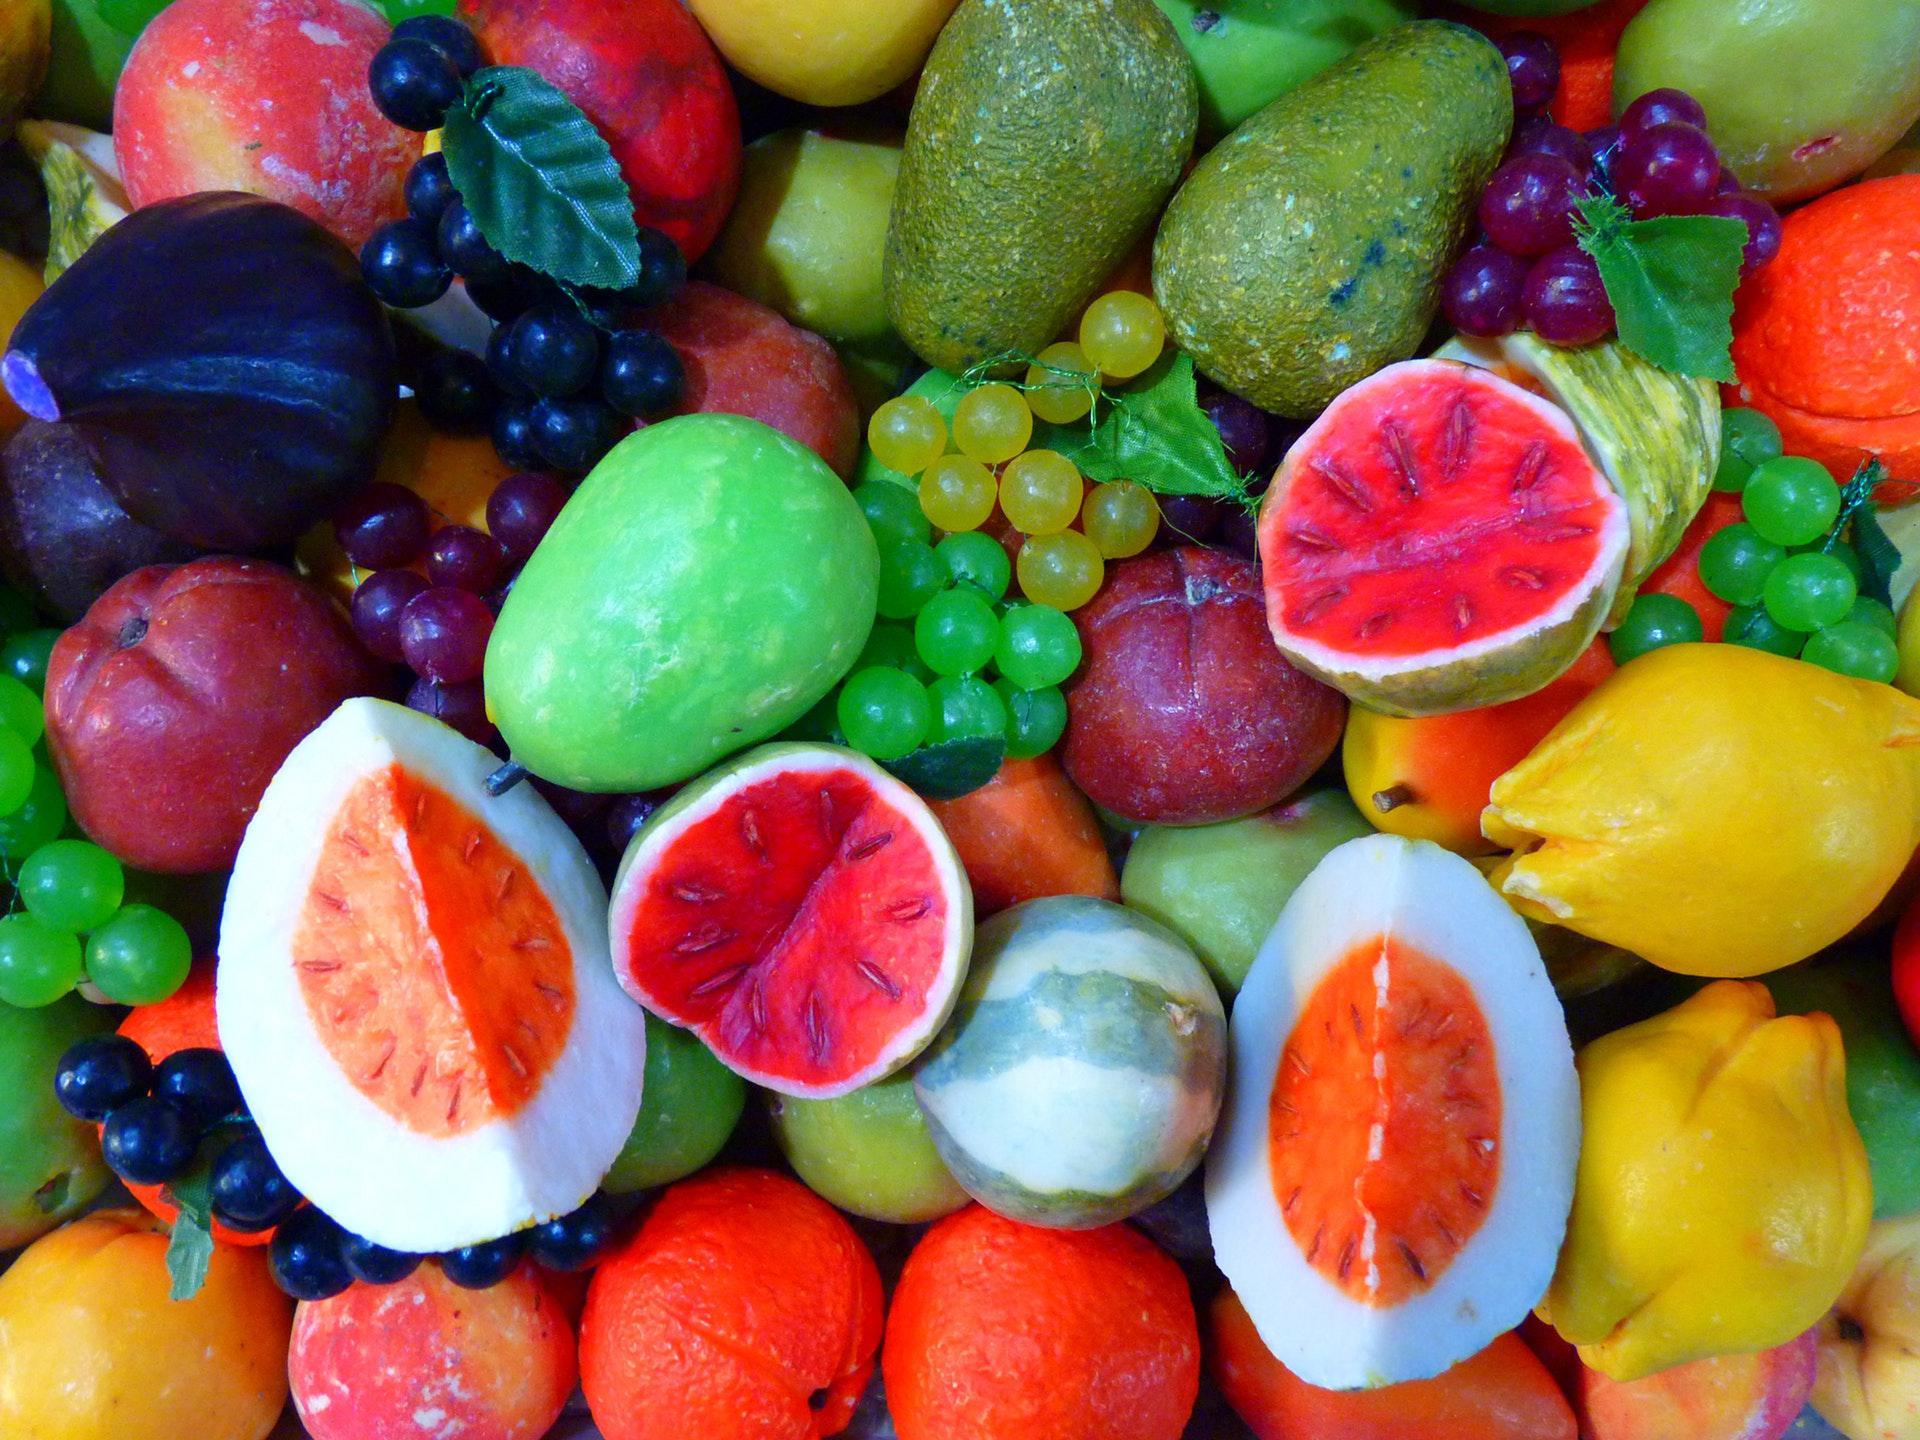 عکس زمینه میوه های قرمز زرد و سبز پس زمینه